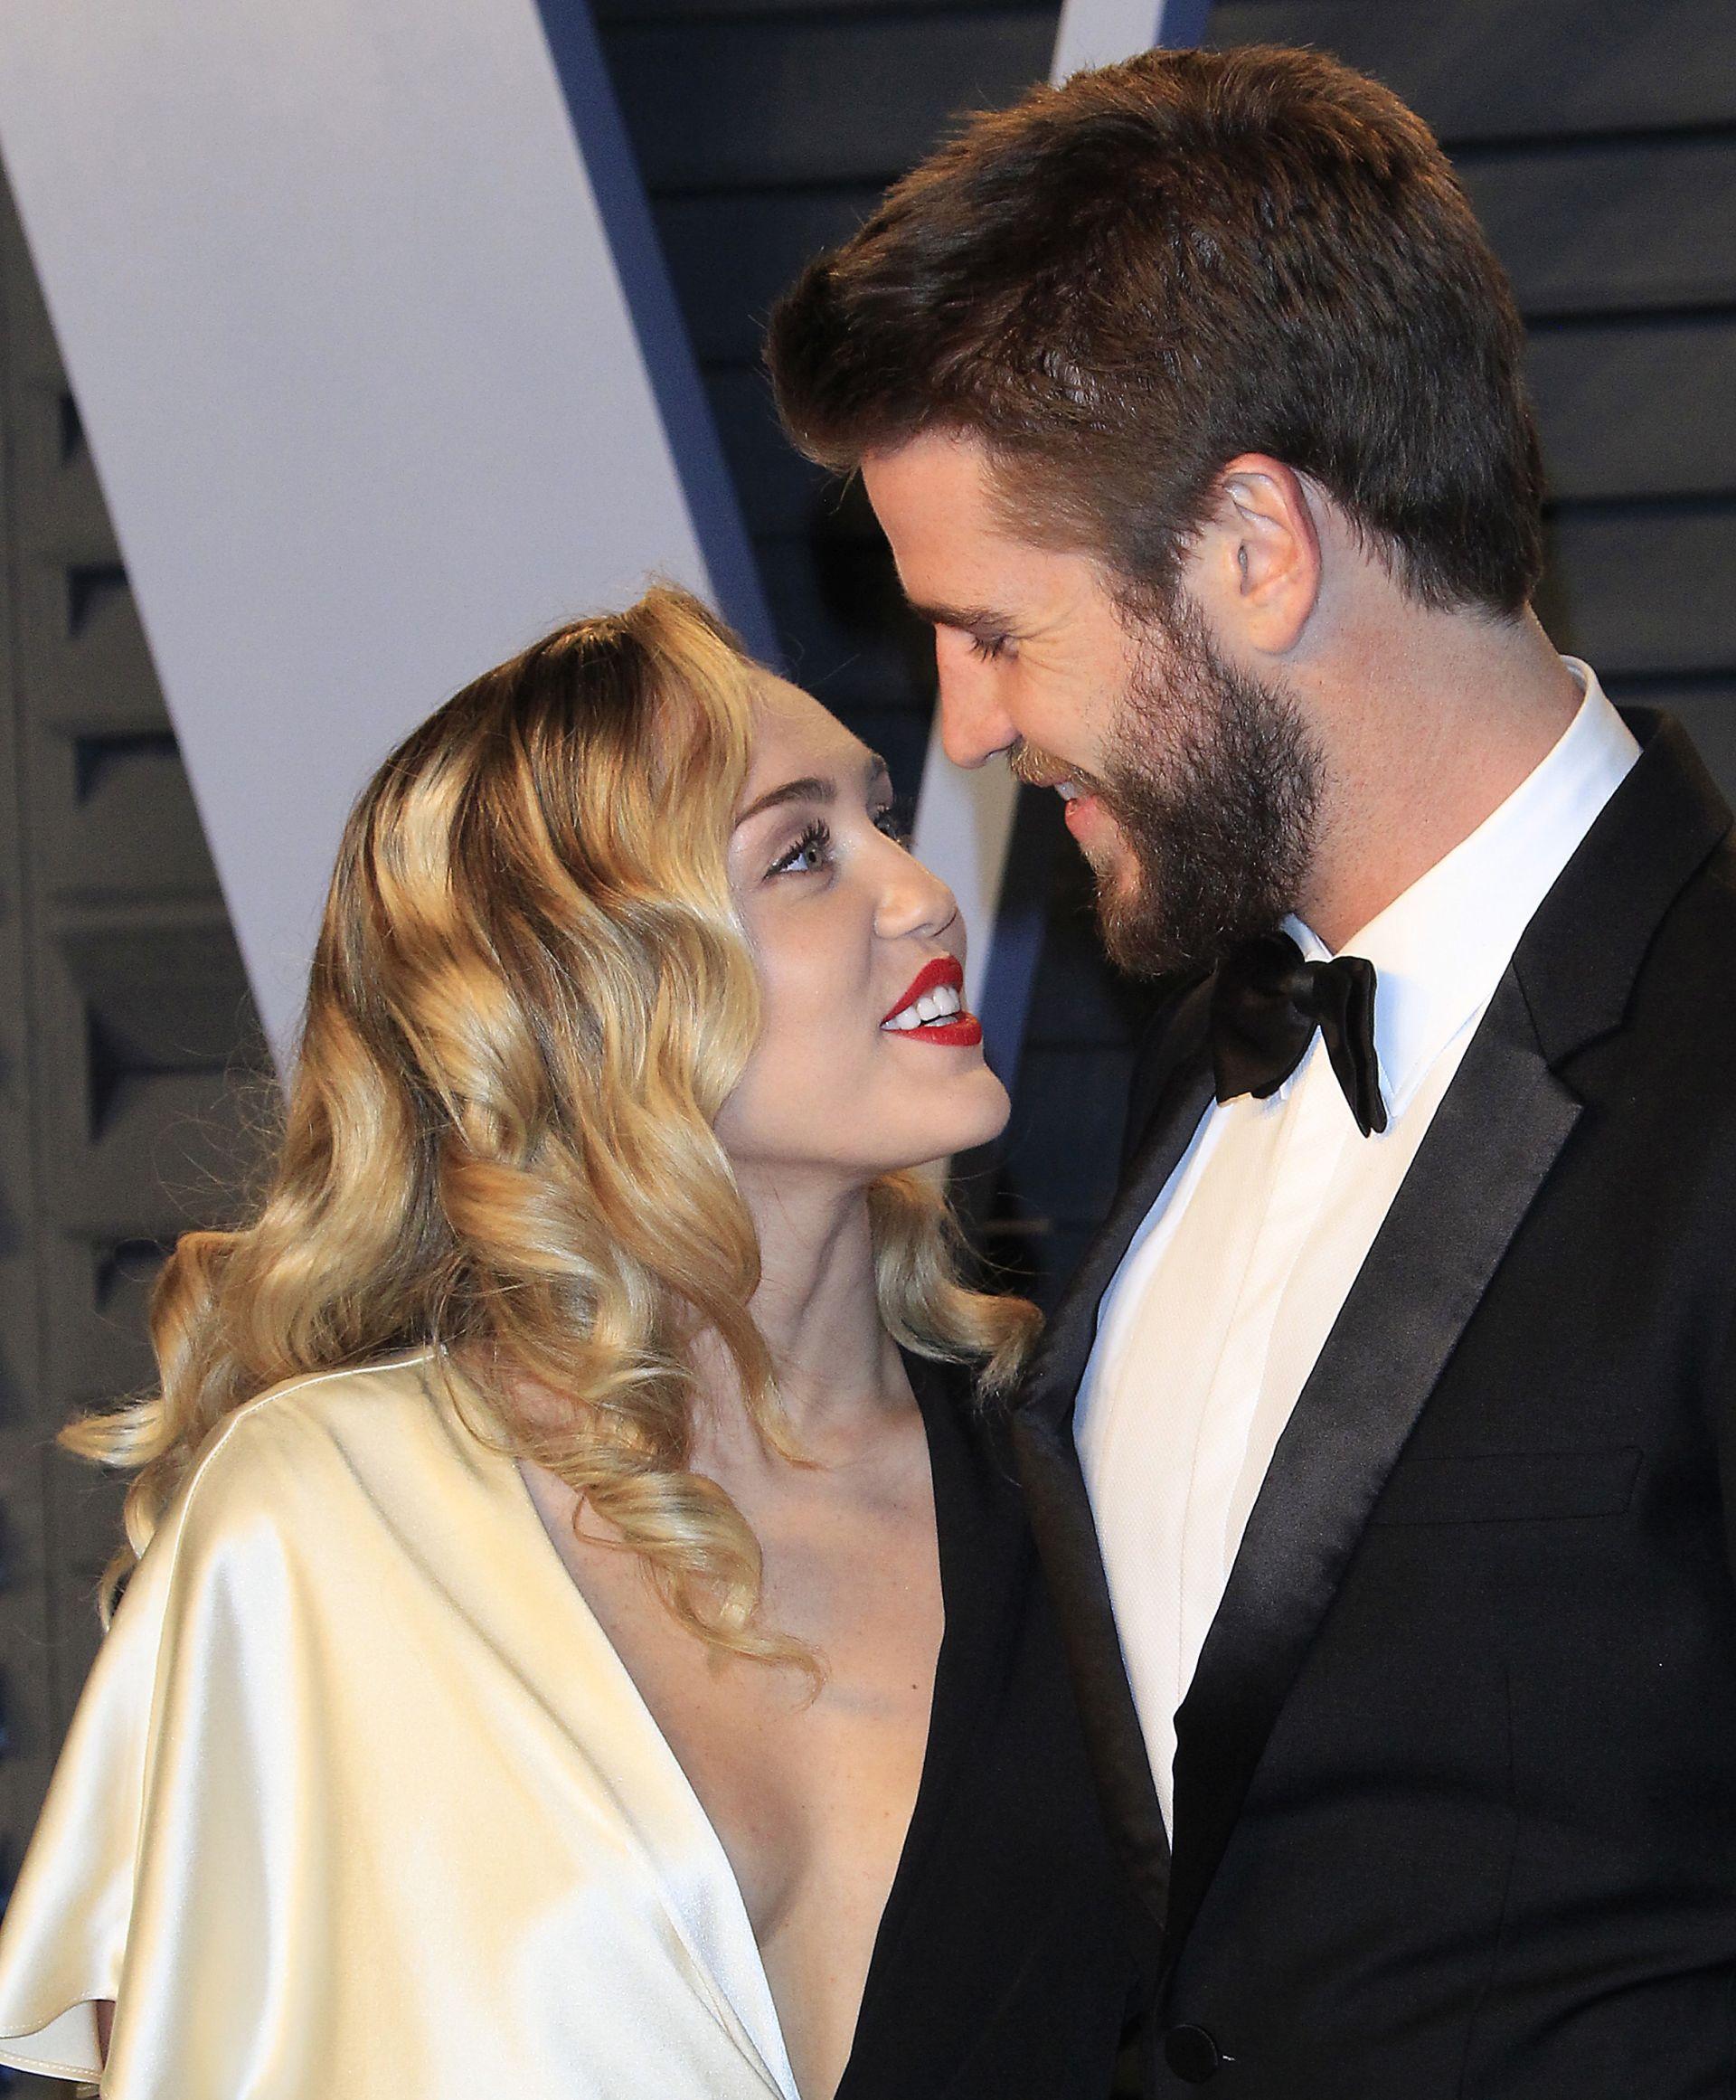 Vjenčali se Miley Cyrus i Liam Hemsworth